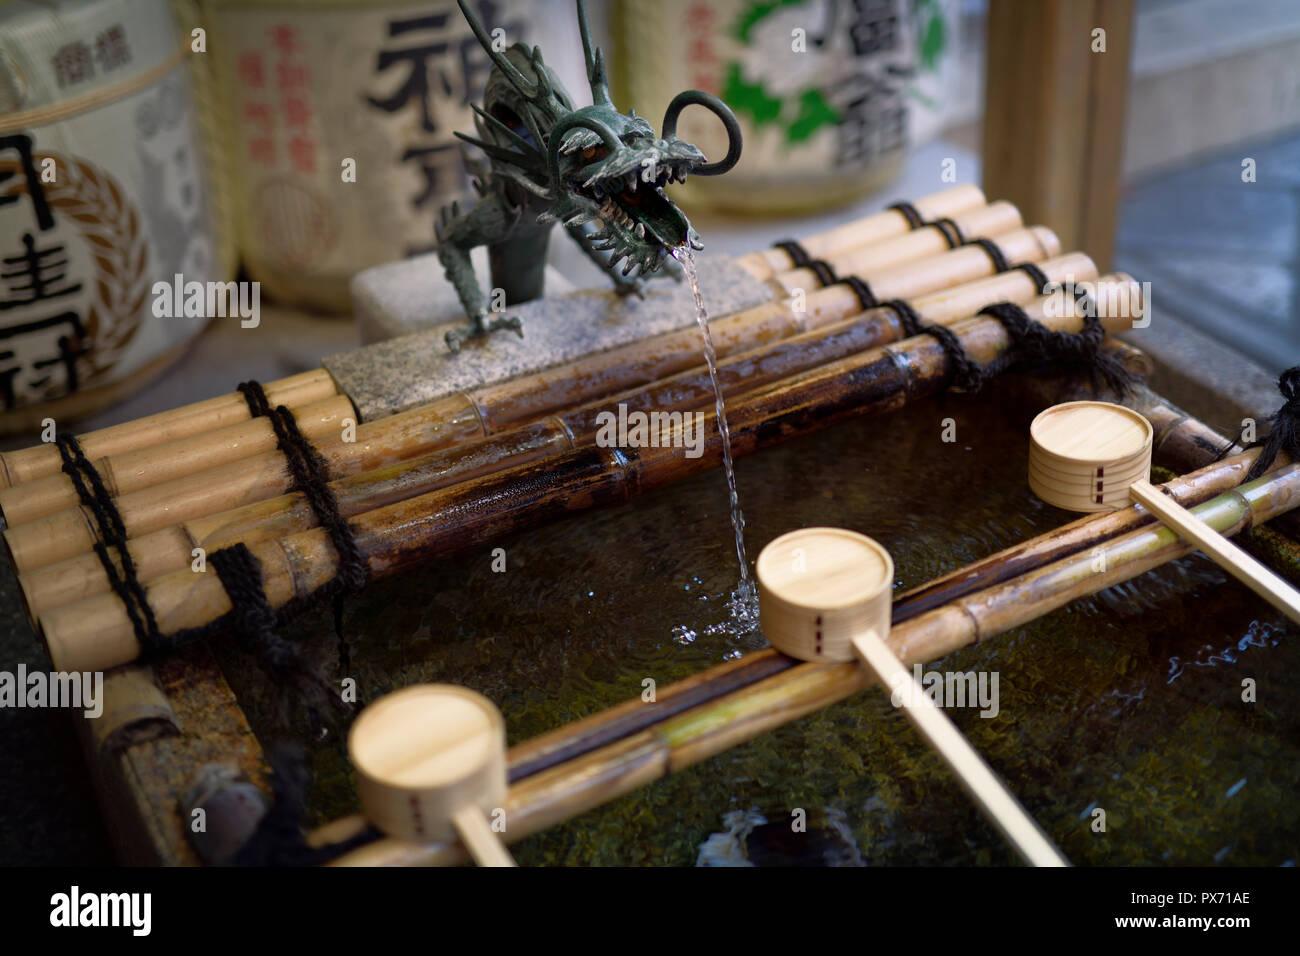 Dragon Head Chozubachi, Chozuya, Wasser Reinigungsritual Becken mit Bambus Schöpflöffel für die Hände waschen, bevor sie in einen Schrein in Kyoto, Japan Stockfoto